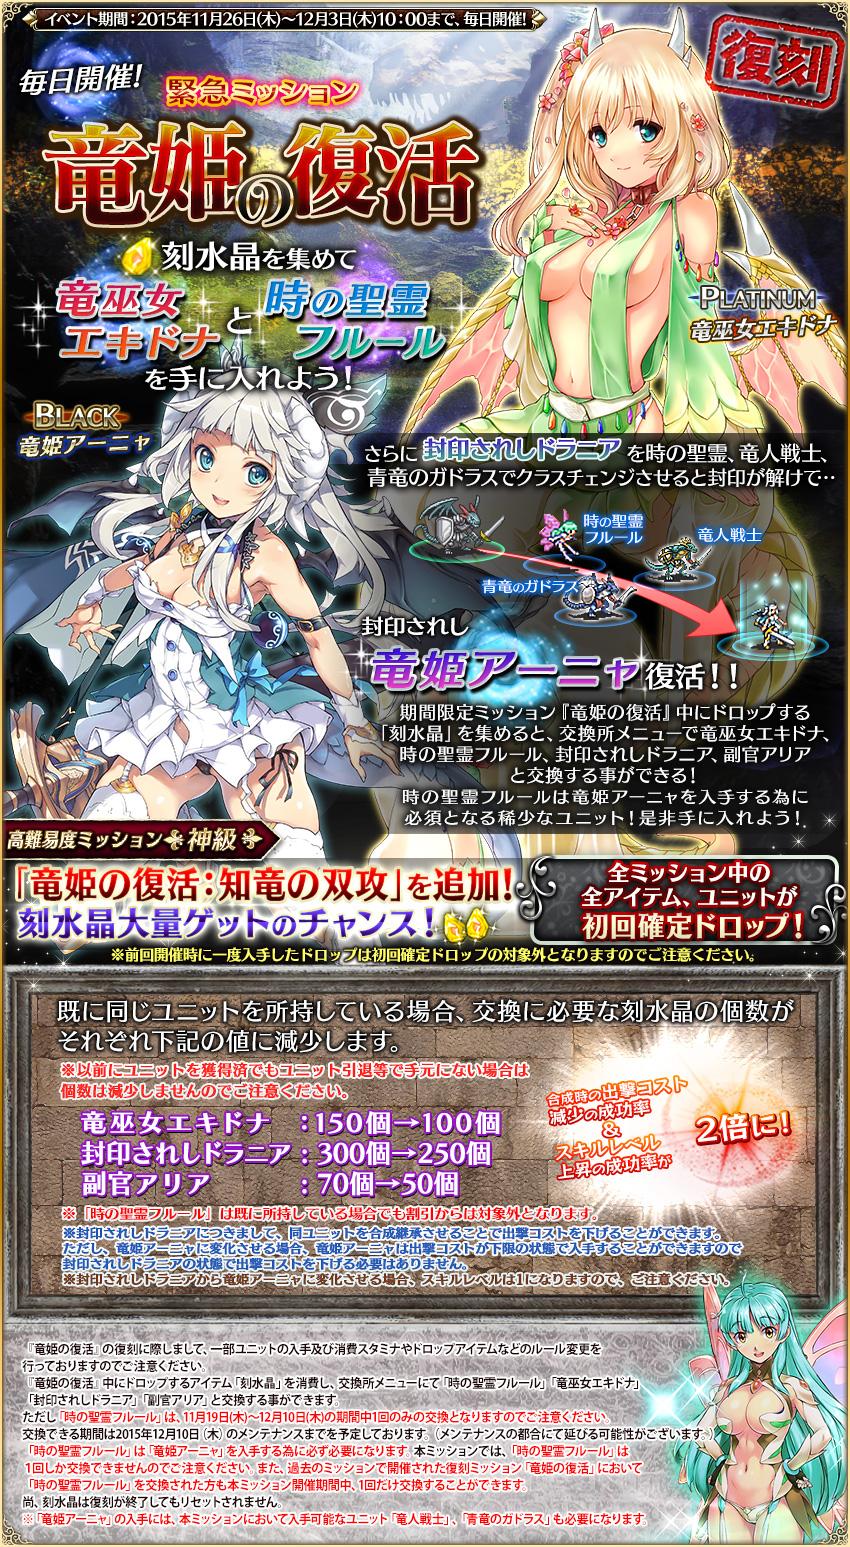 アイギス2周年イベント レア聖霊&レアキャラ配布でやばい (2)